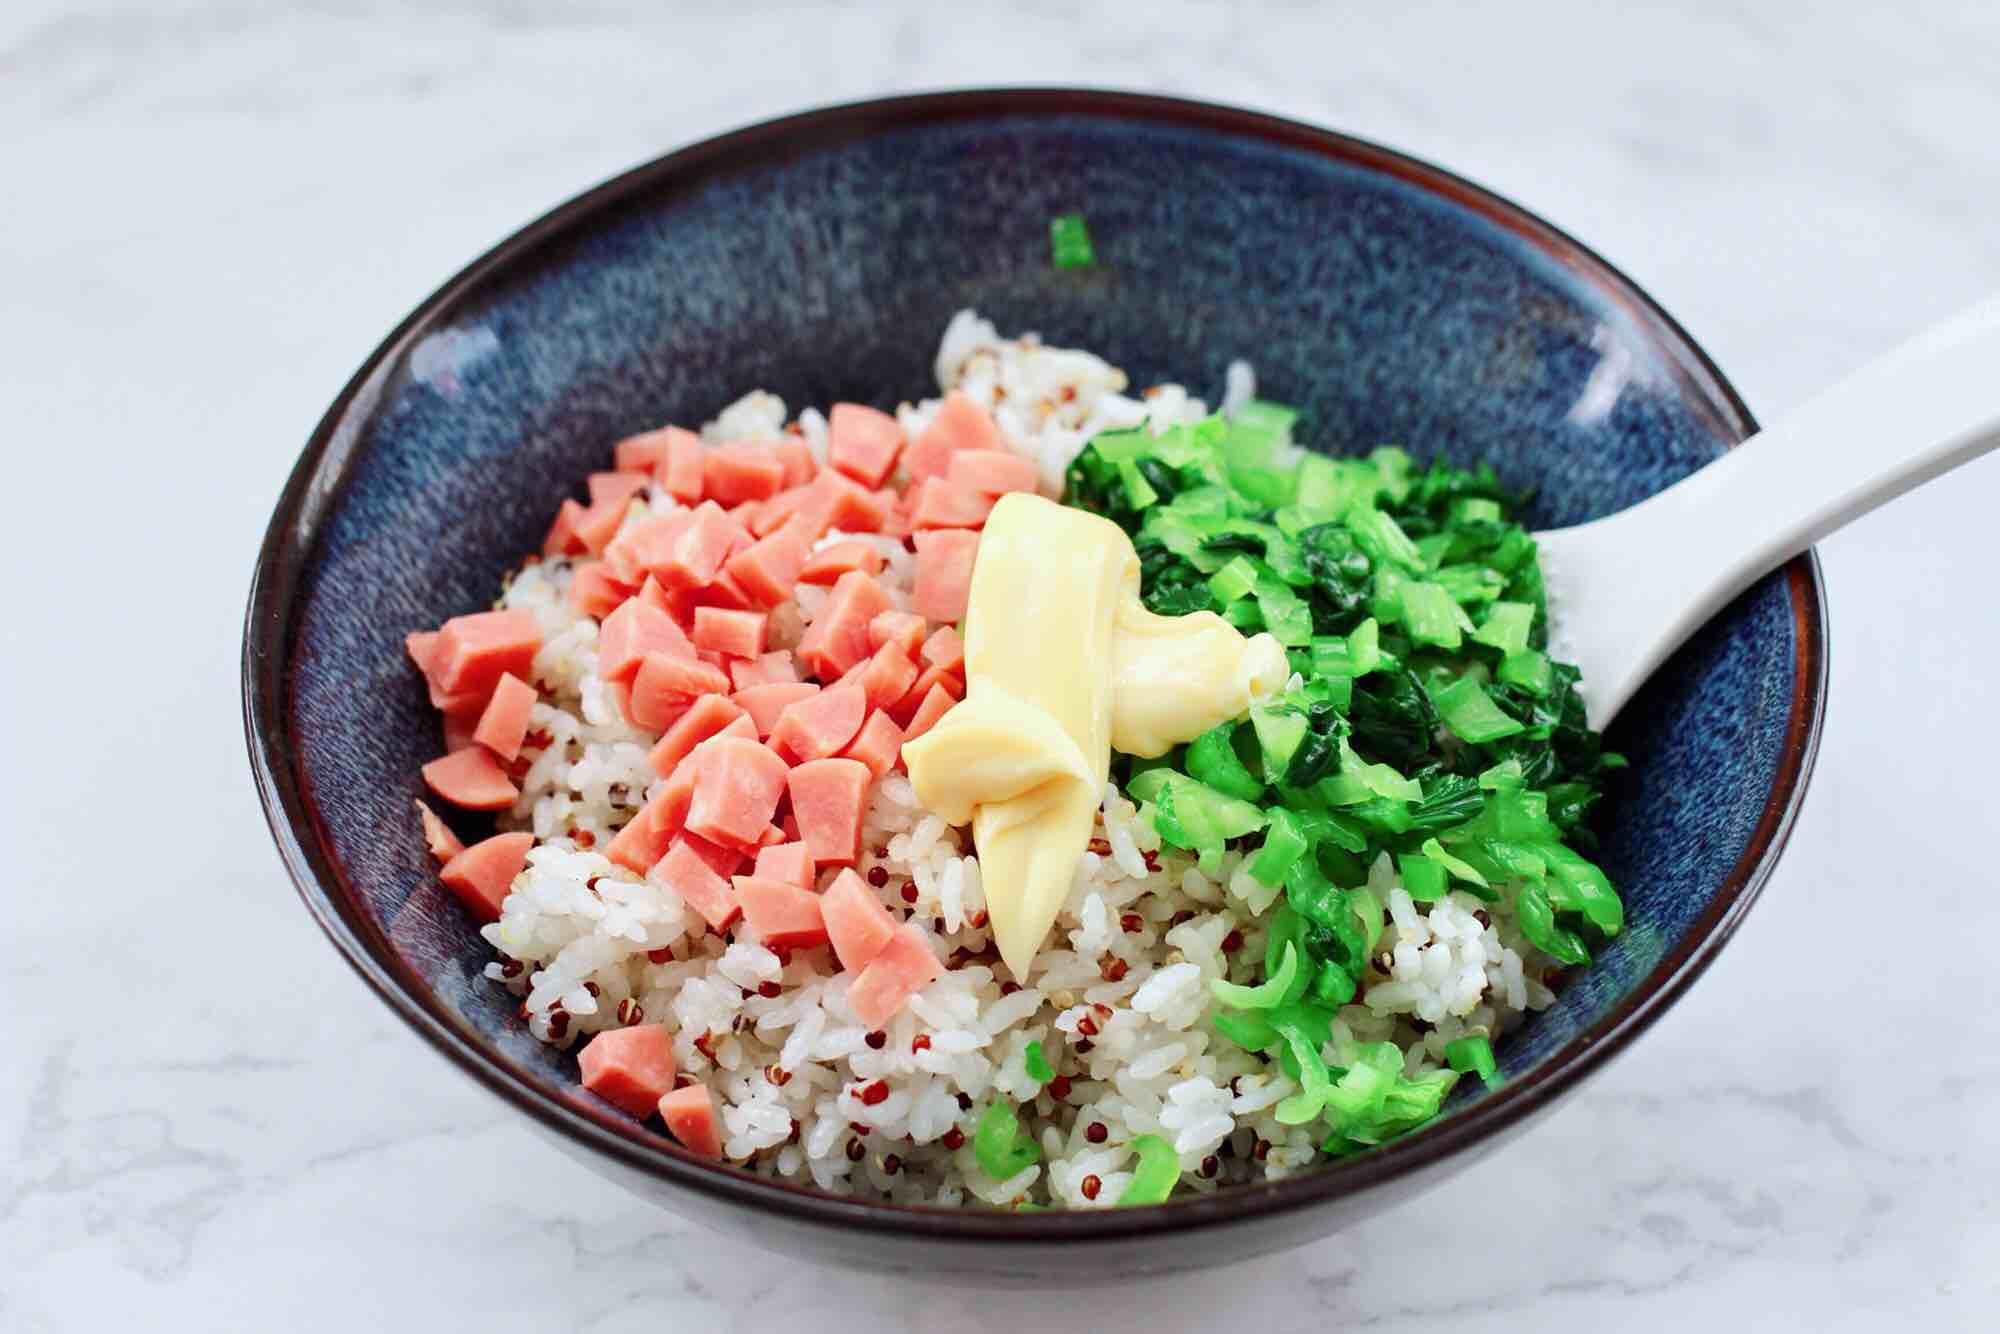 三色藜麦青菜饭团怎样煸